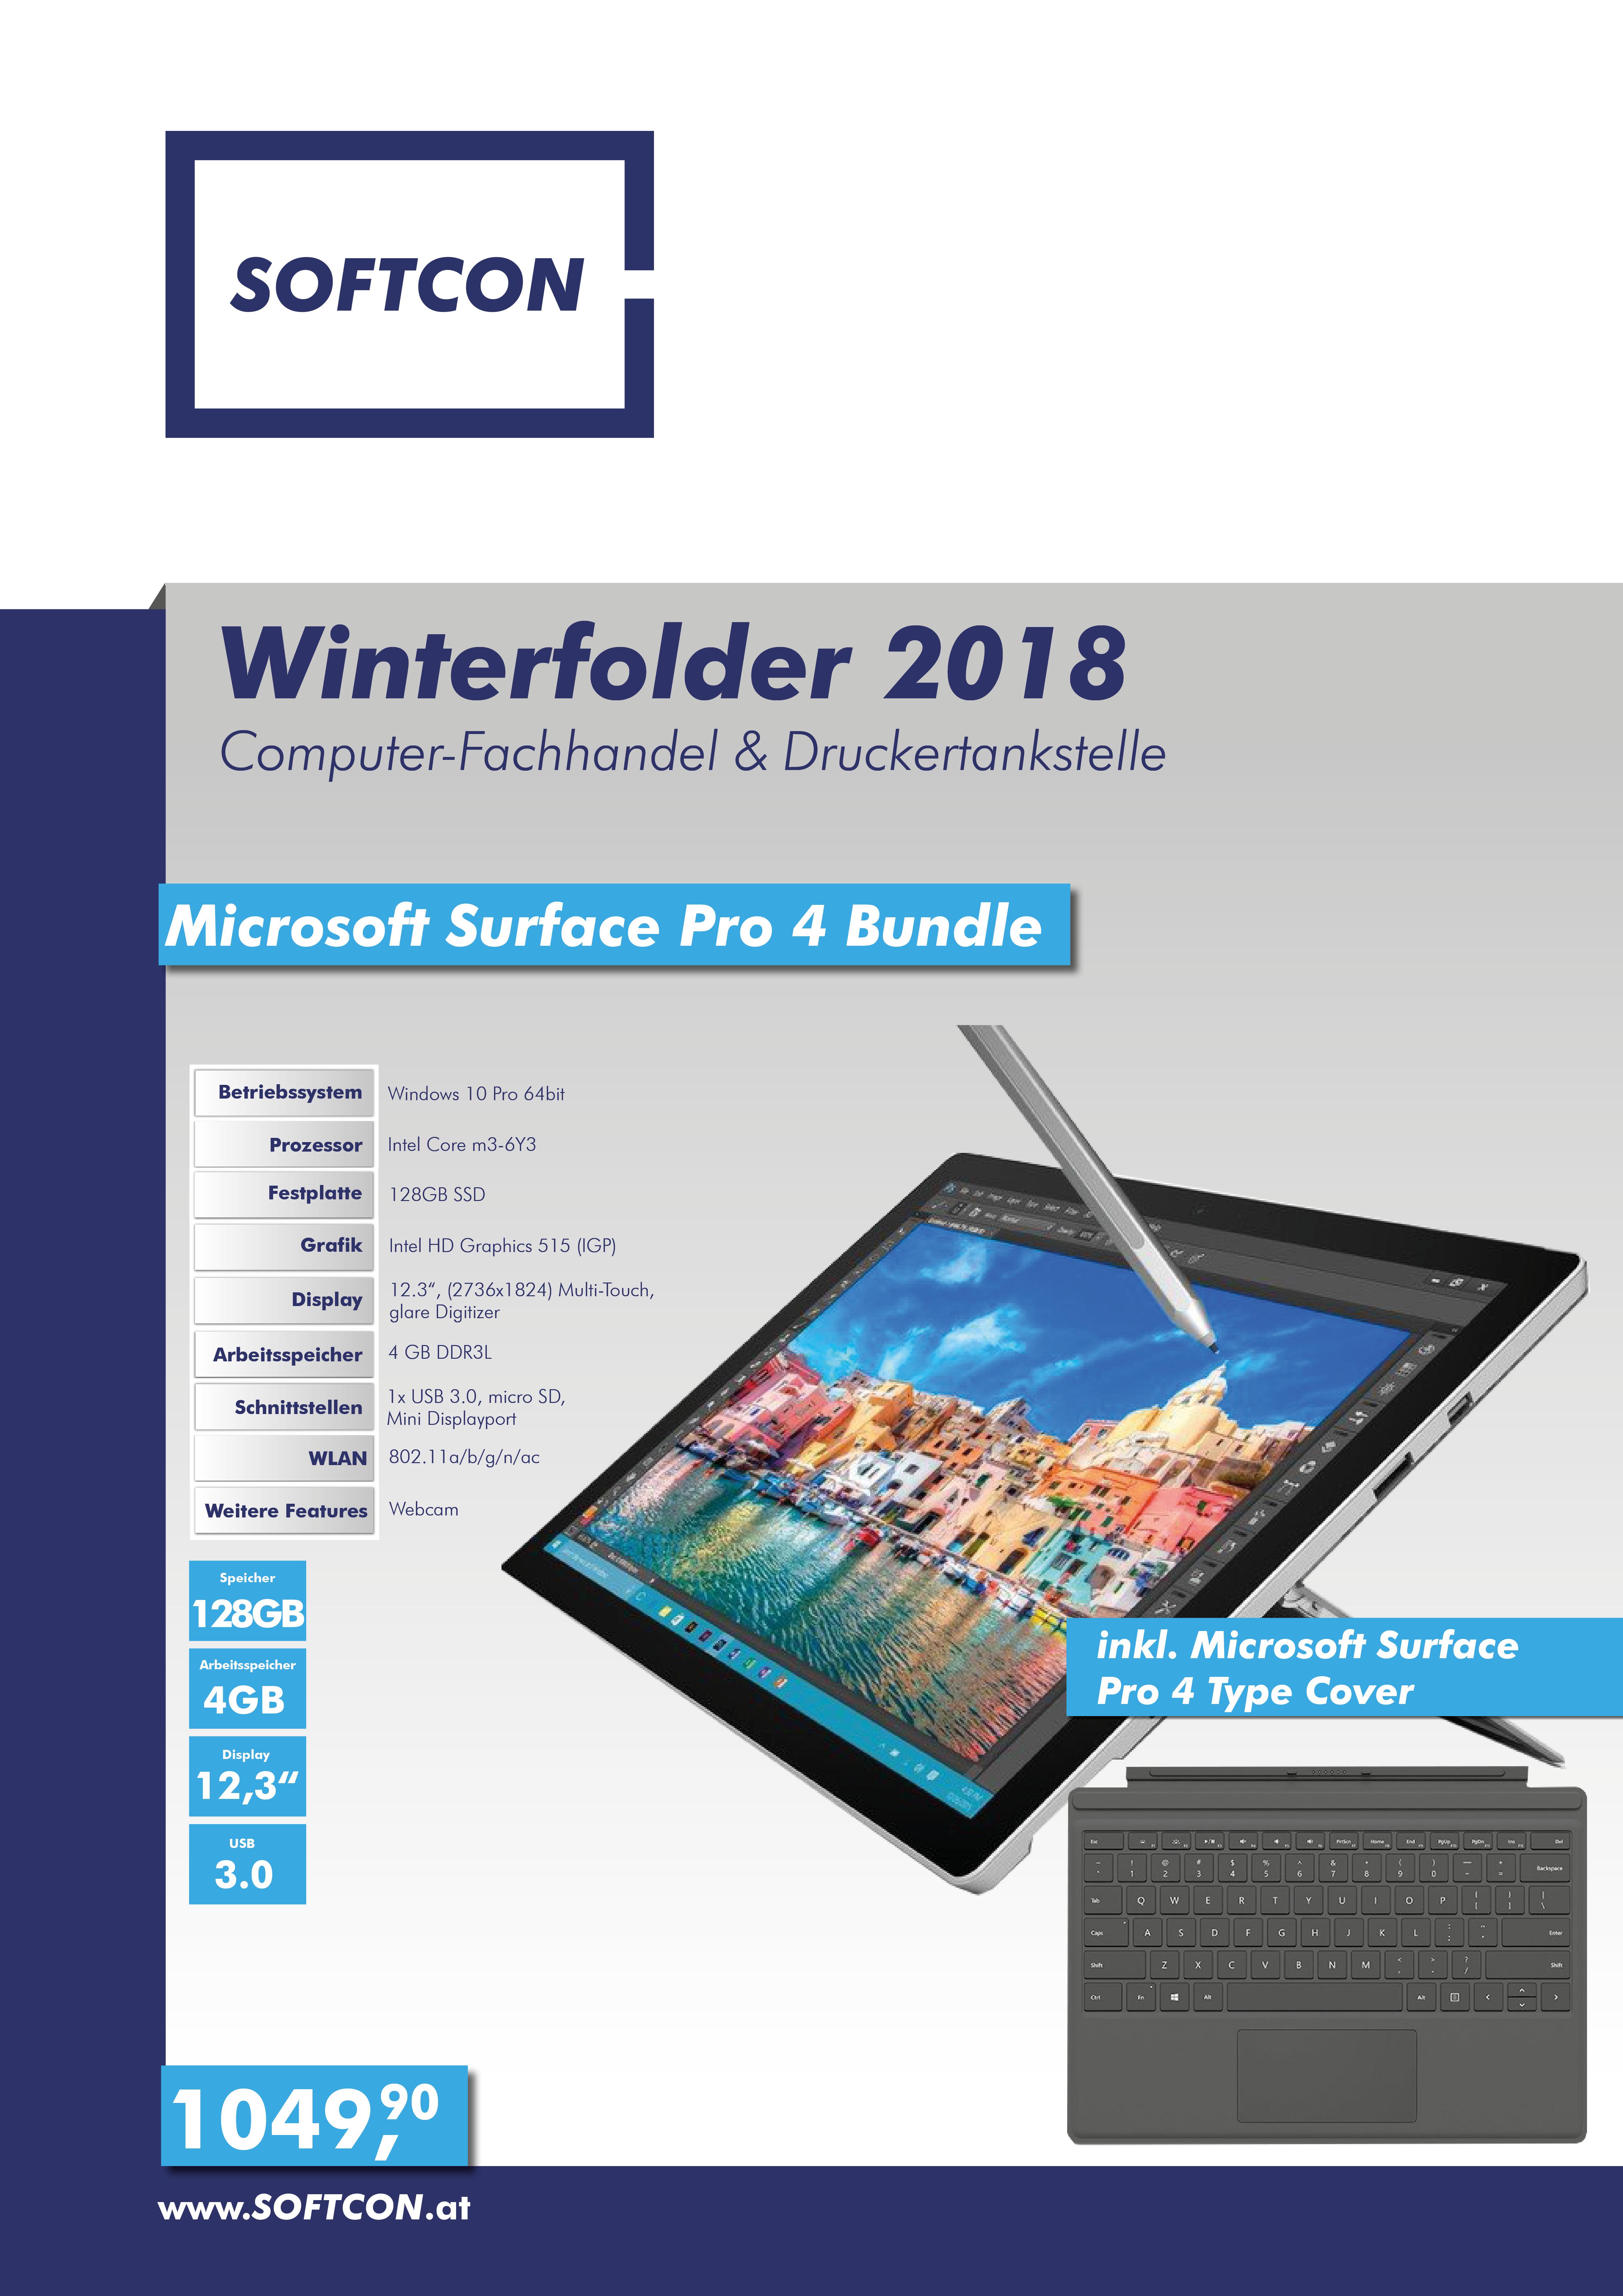 SOFTCON Winterfolder 2018